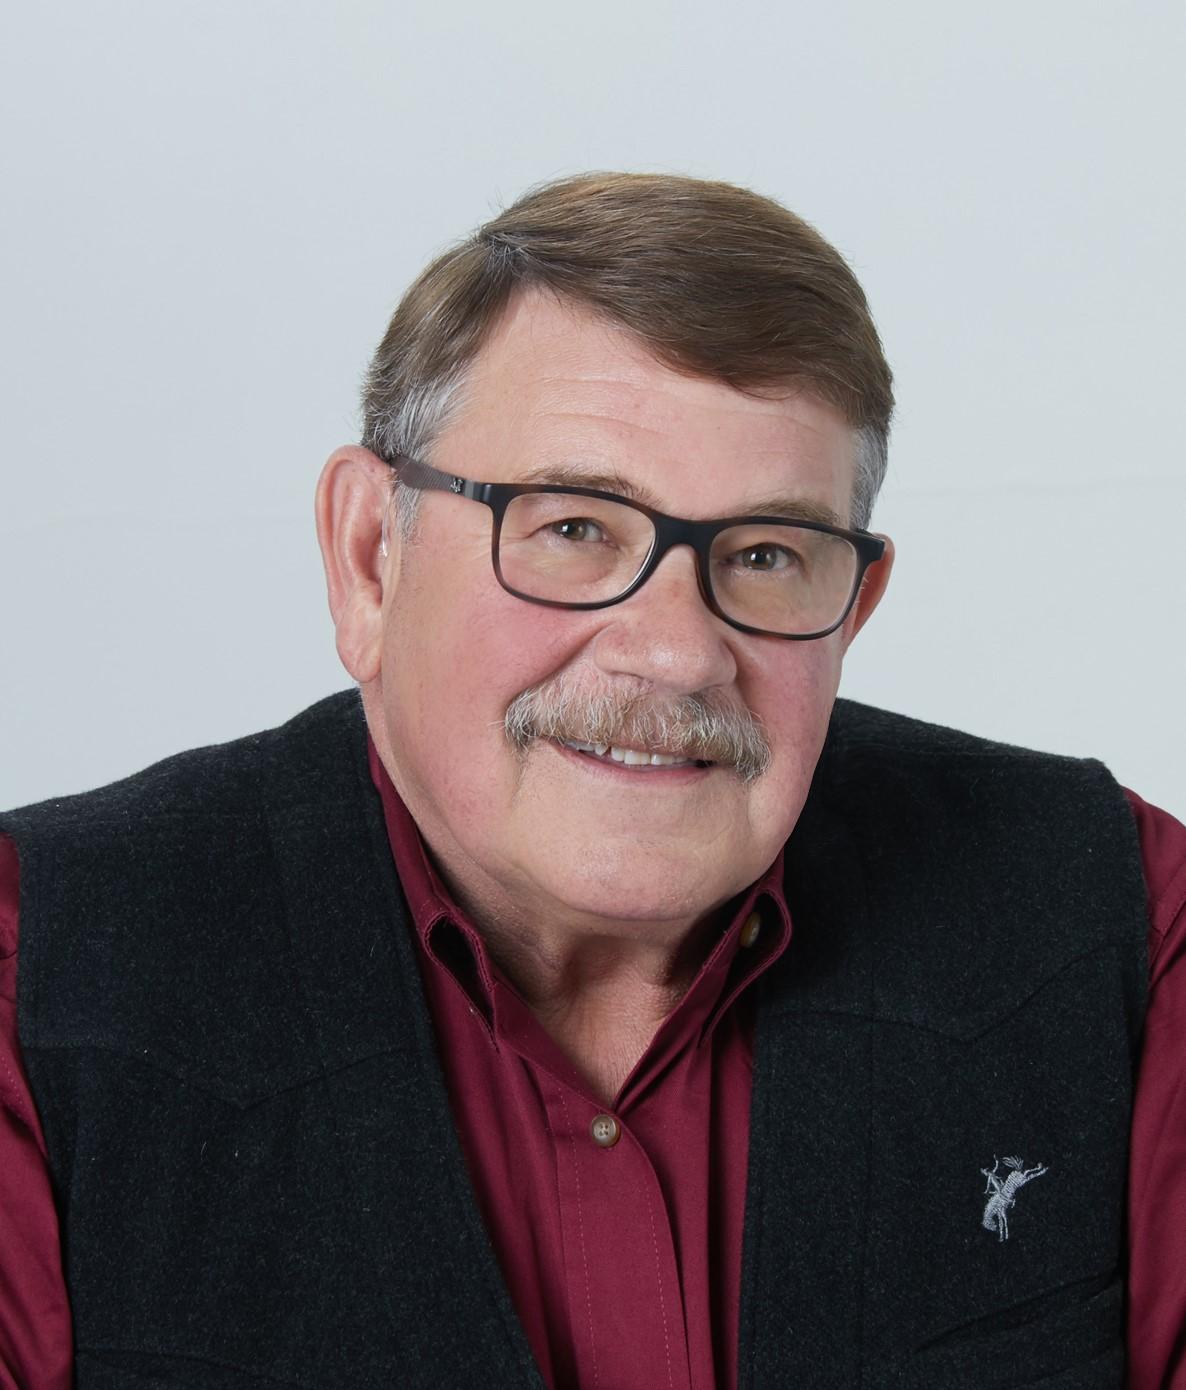 Dennis Neeland